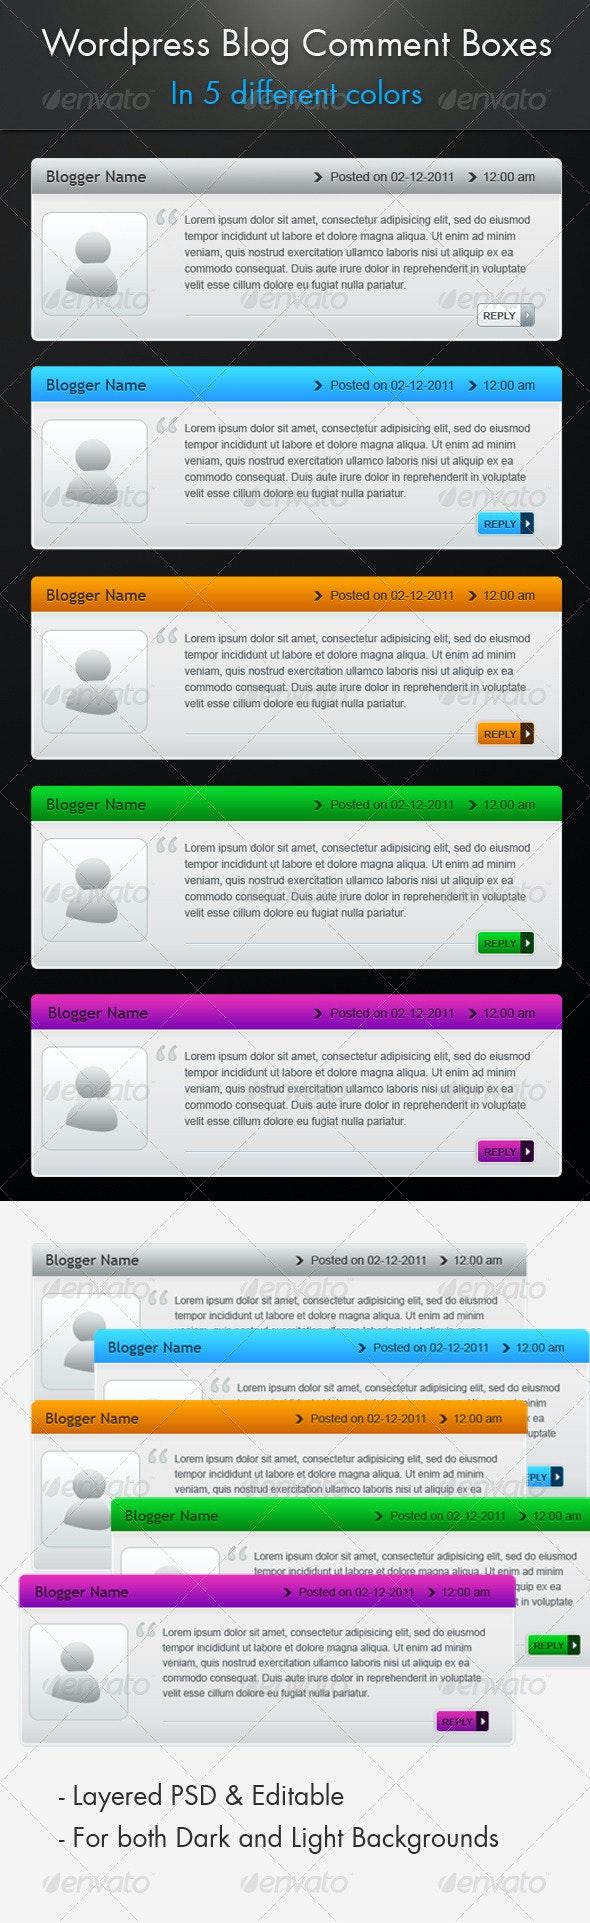 ----- Wordpress Blog Comment Boxes ------ - Miscellaneous Web Elements